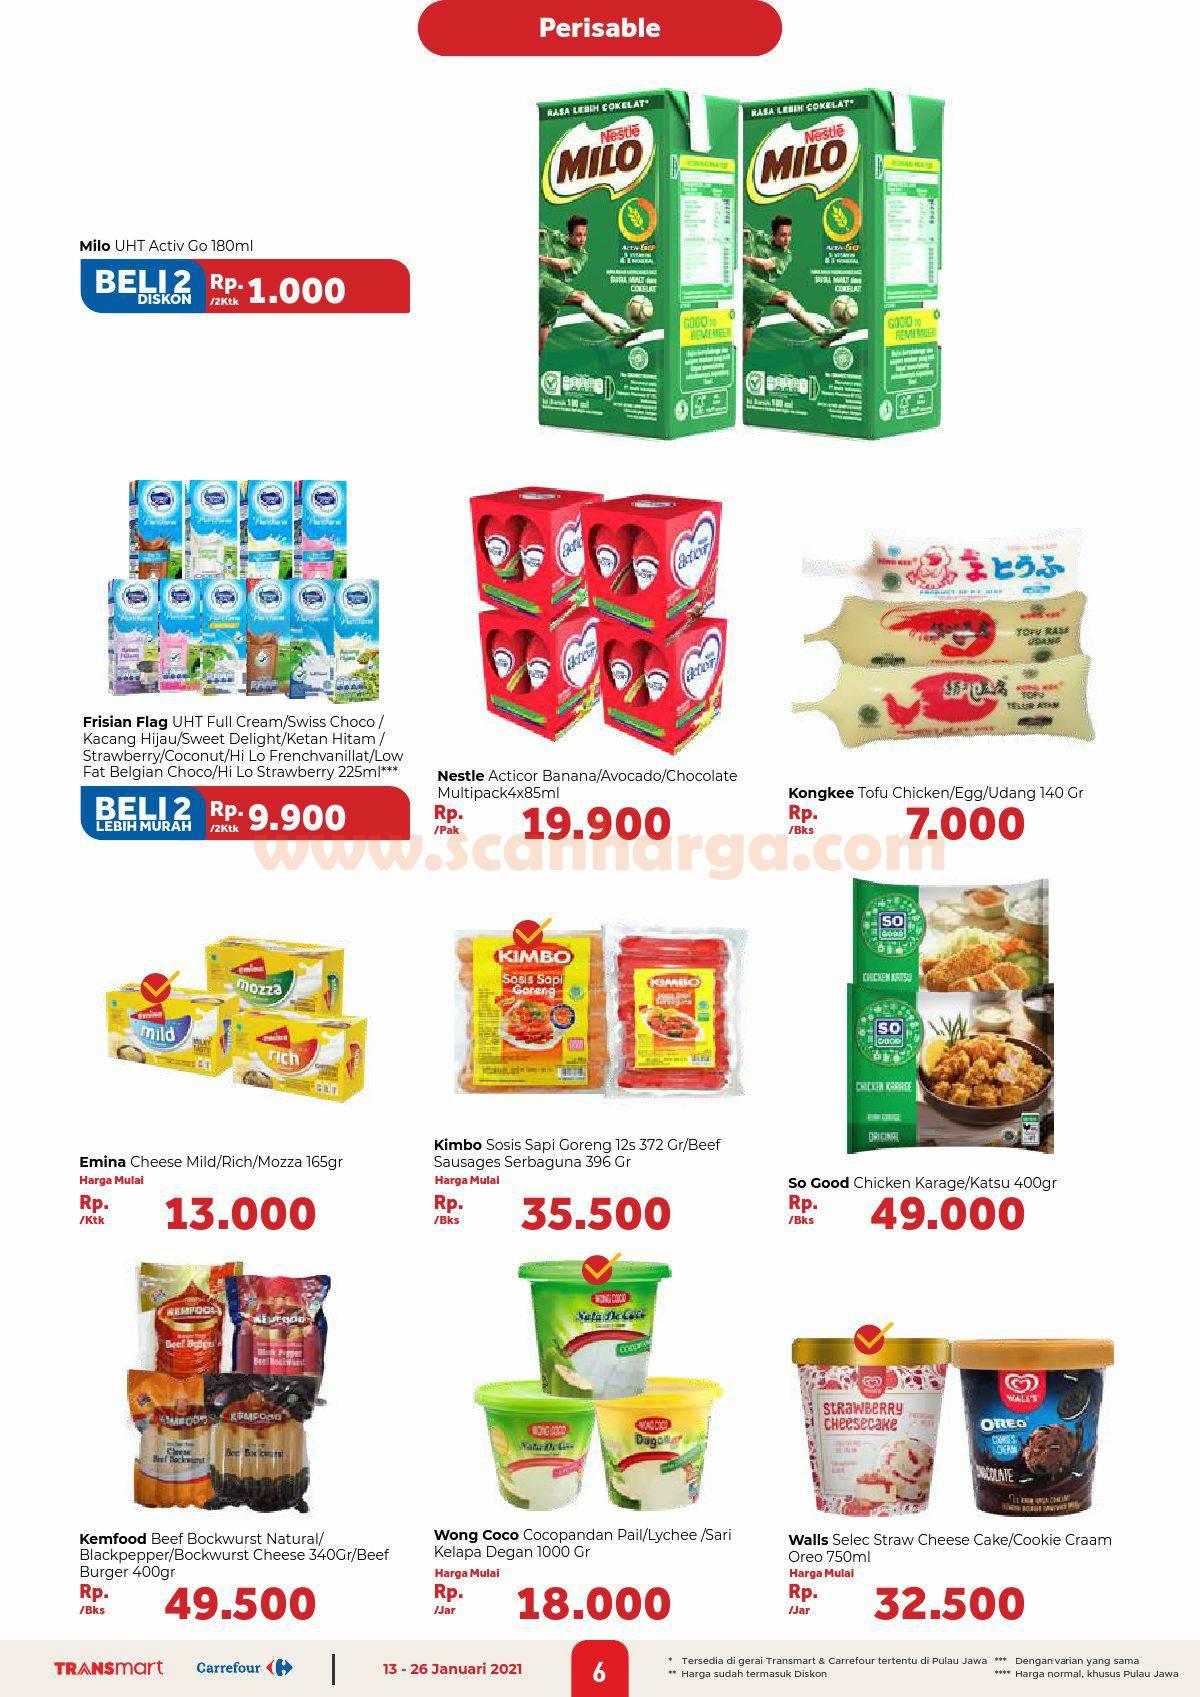 Katalog Promo Carrefour Transmart 13 - 26 Januari 2021 6